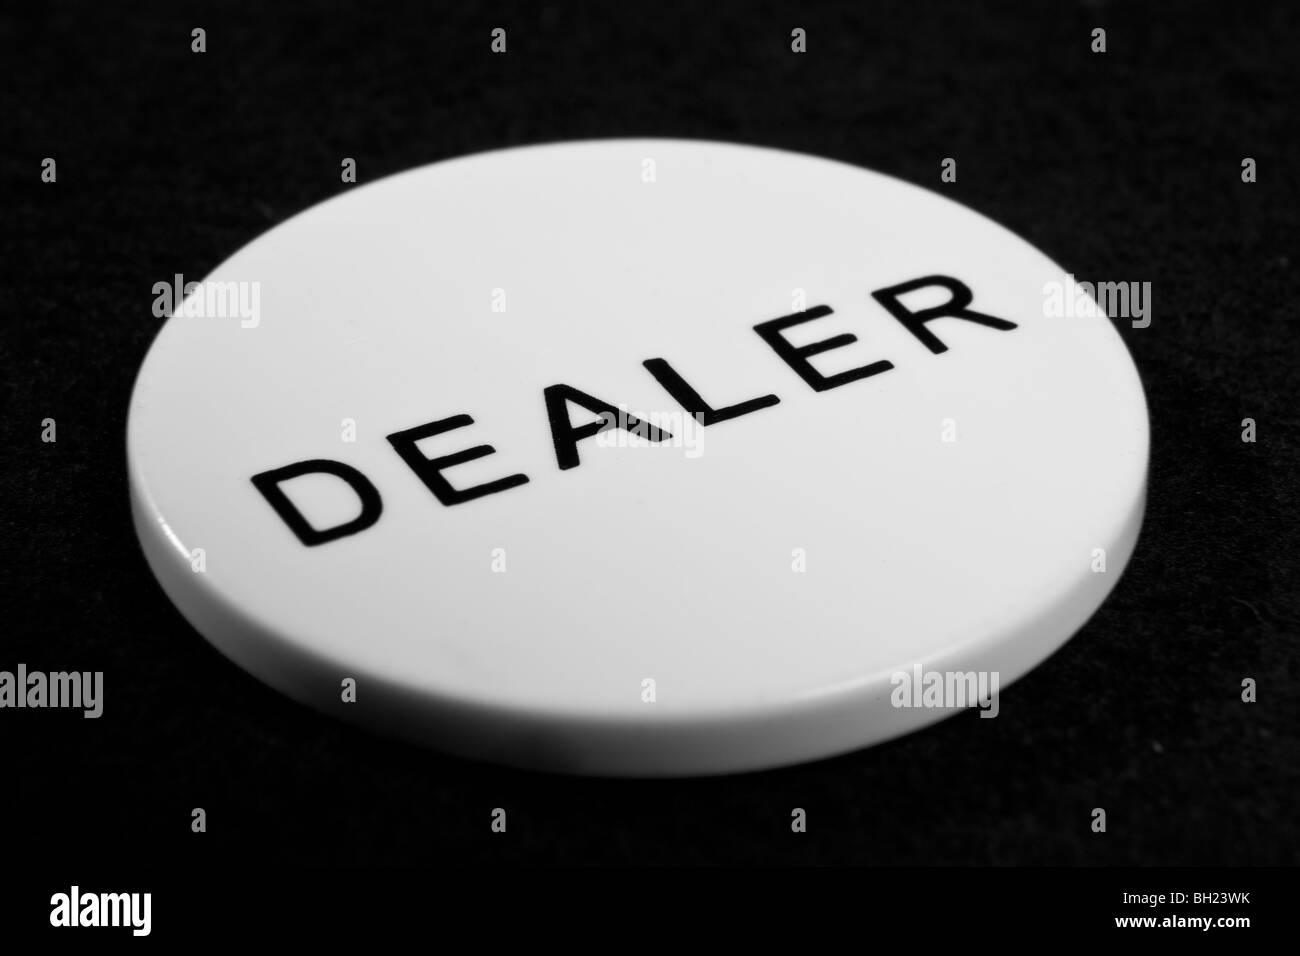 dealer chip from poker - Stock Image